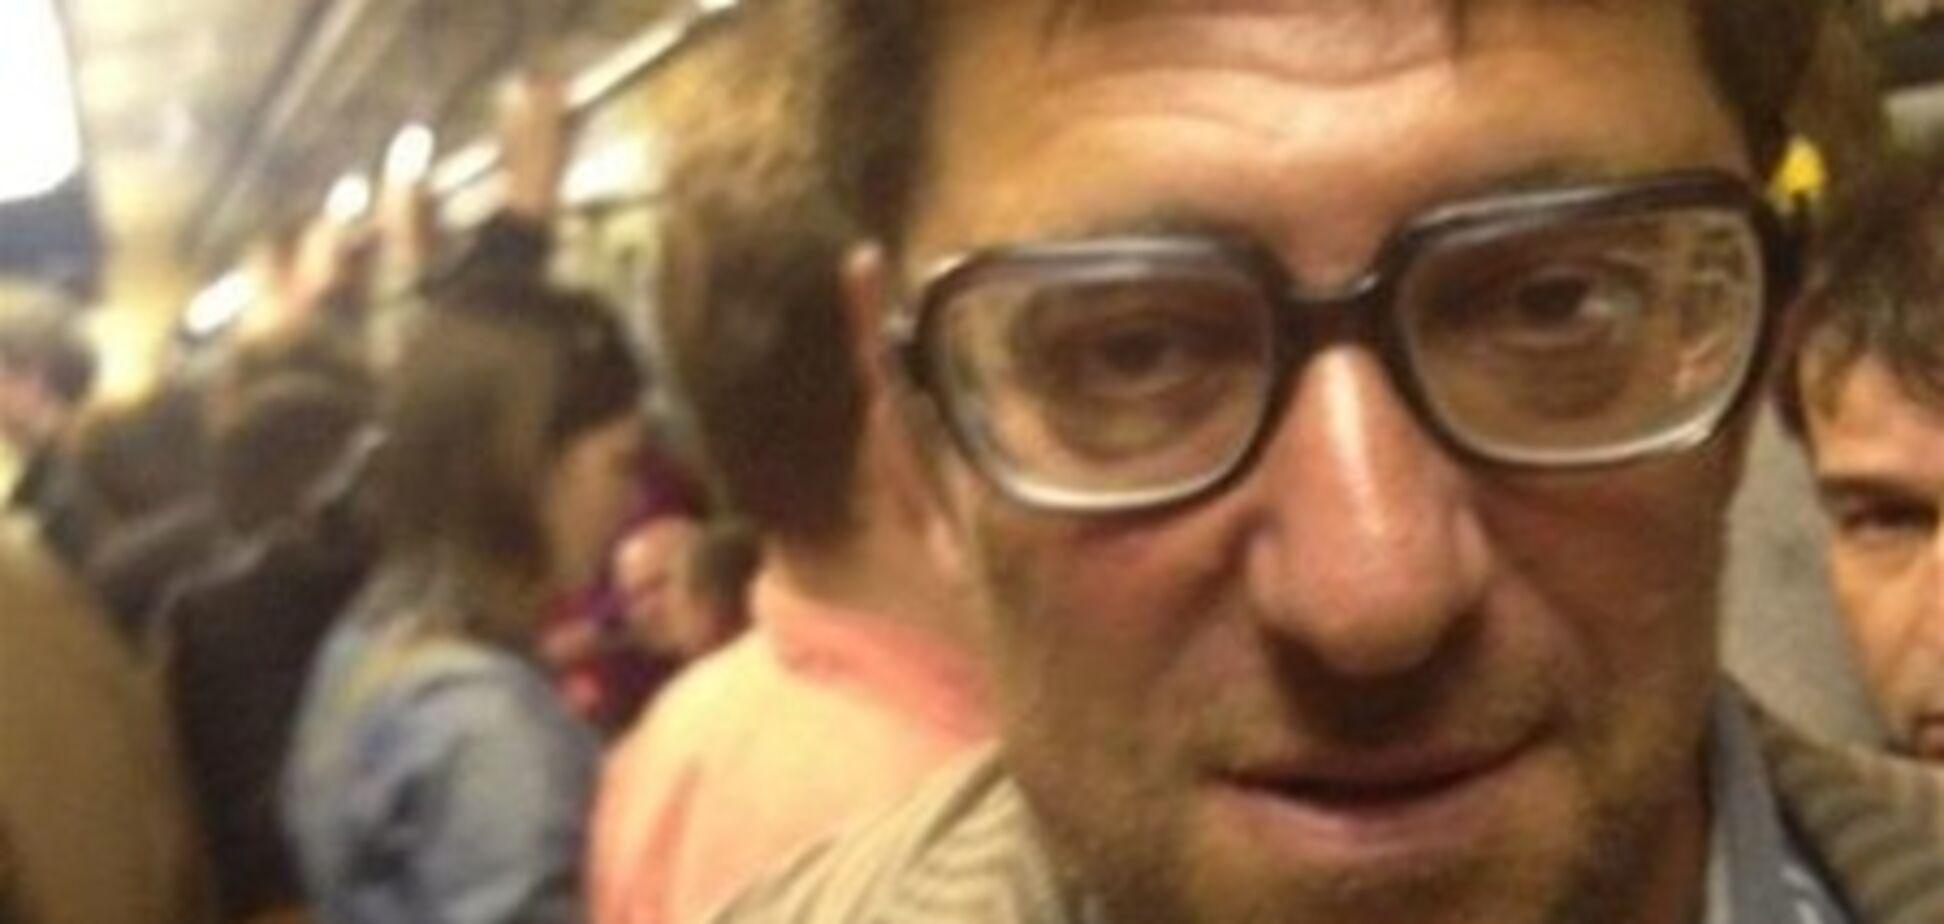 Олигарх забавляется катанием в метро. Фото